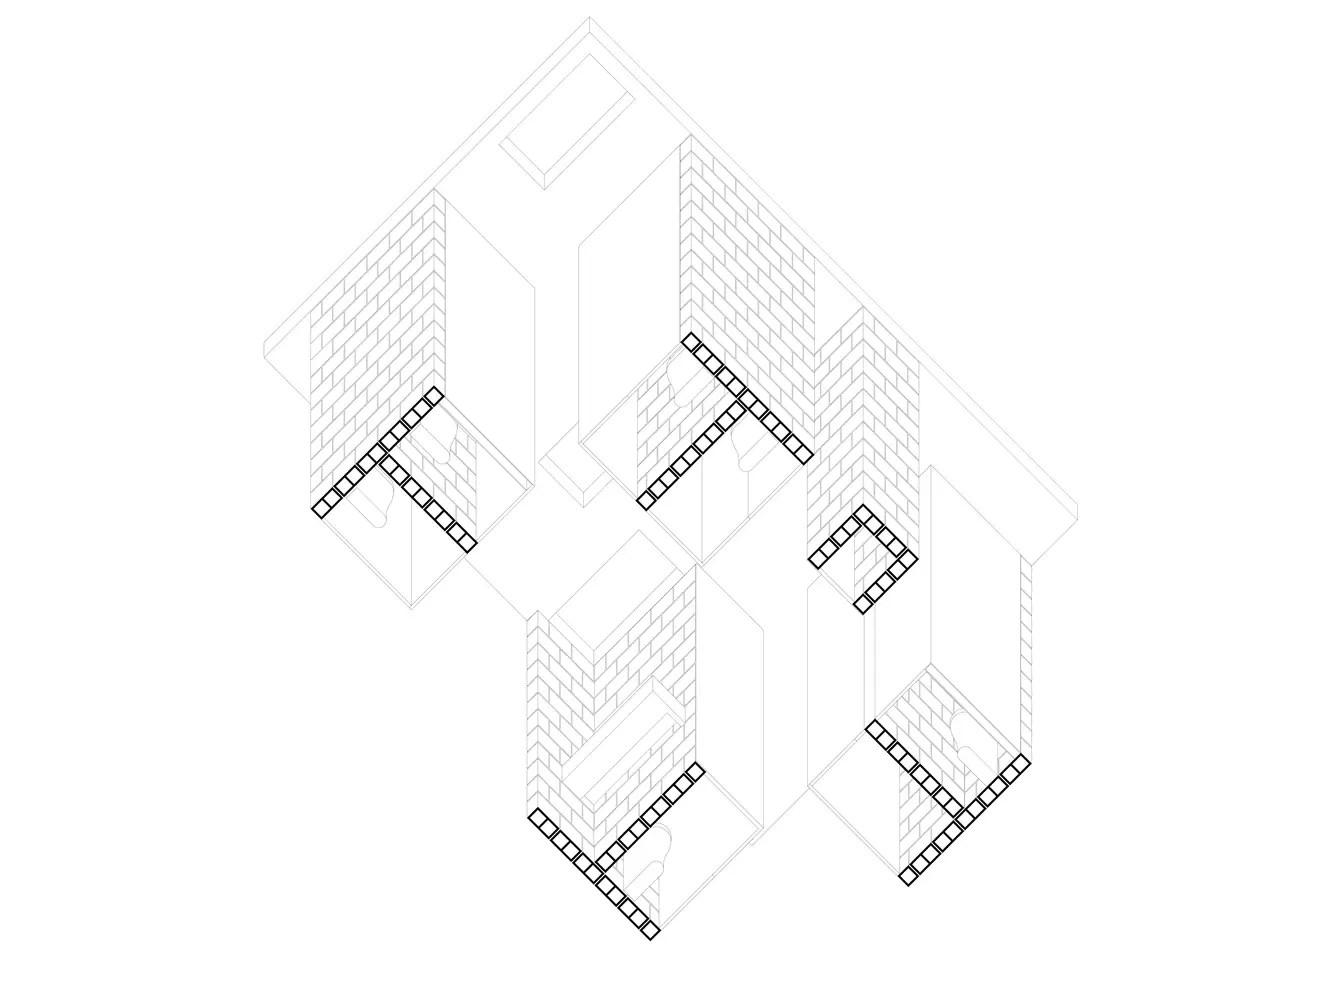 Pf-cp_axobaños-01